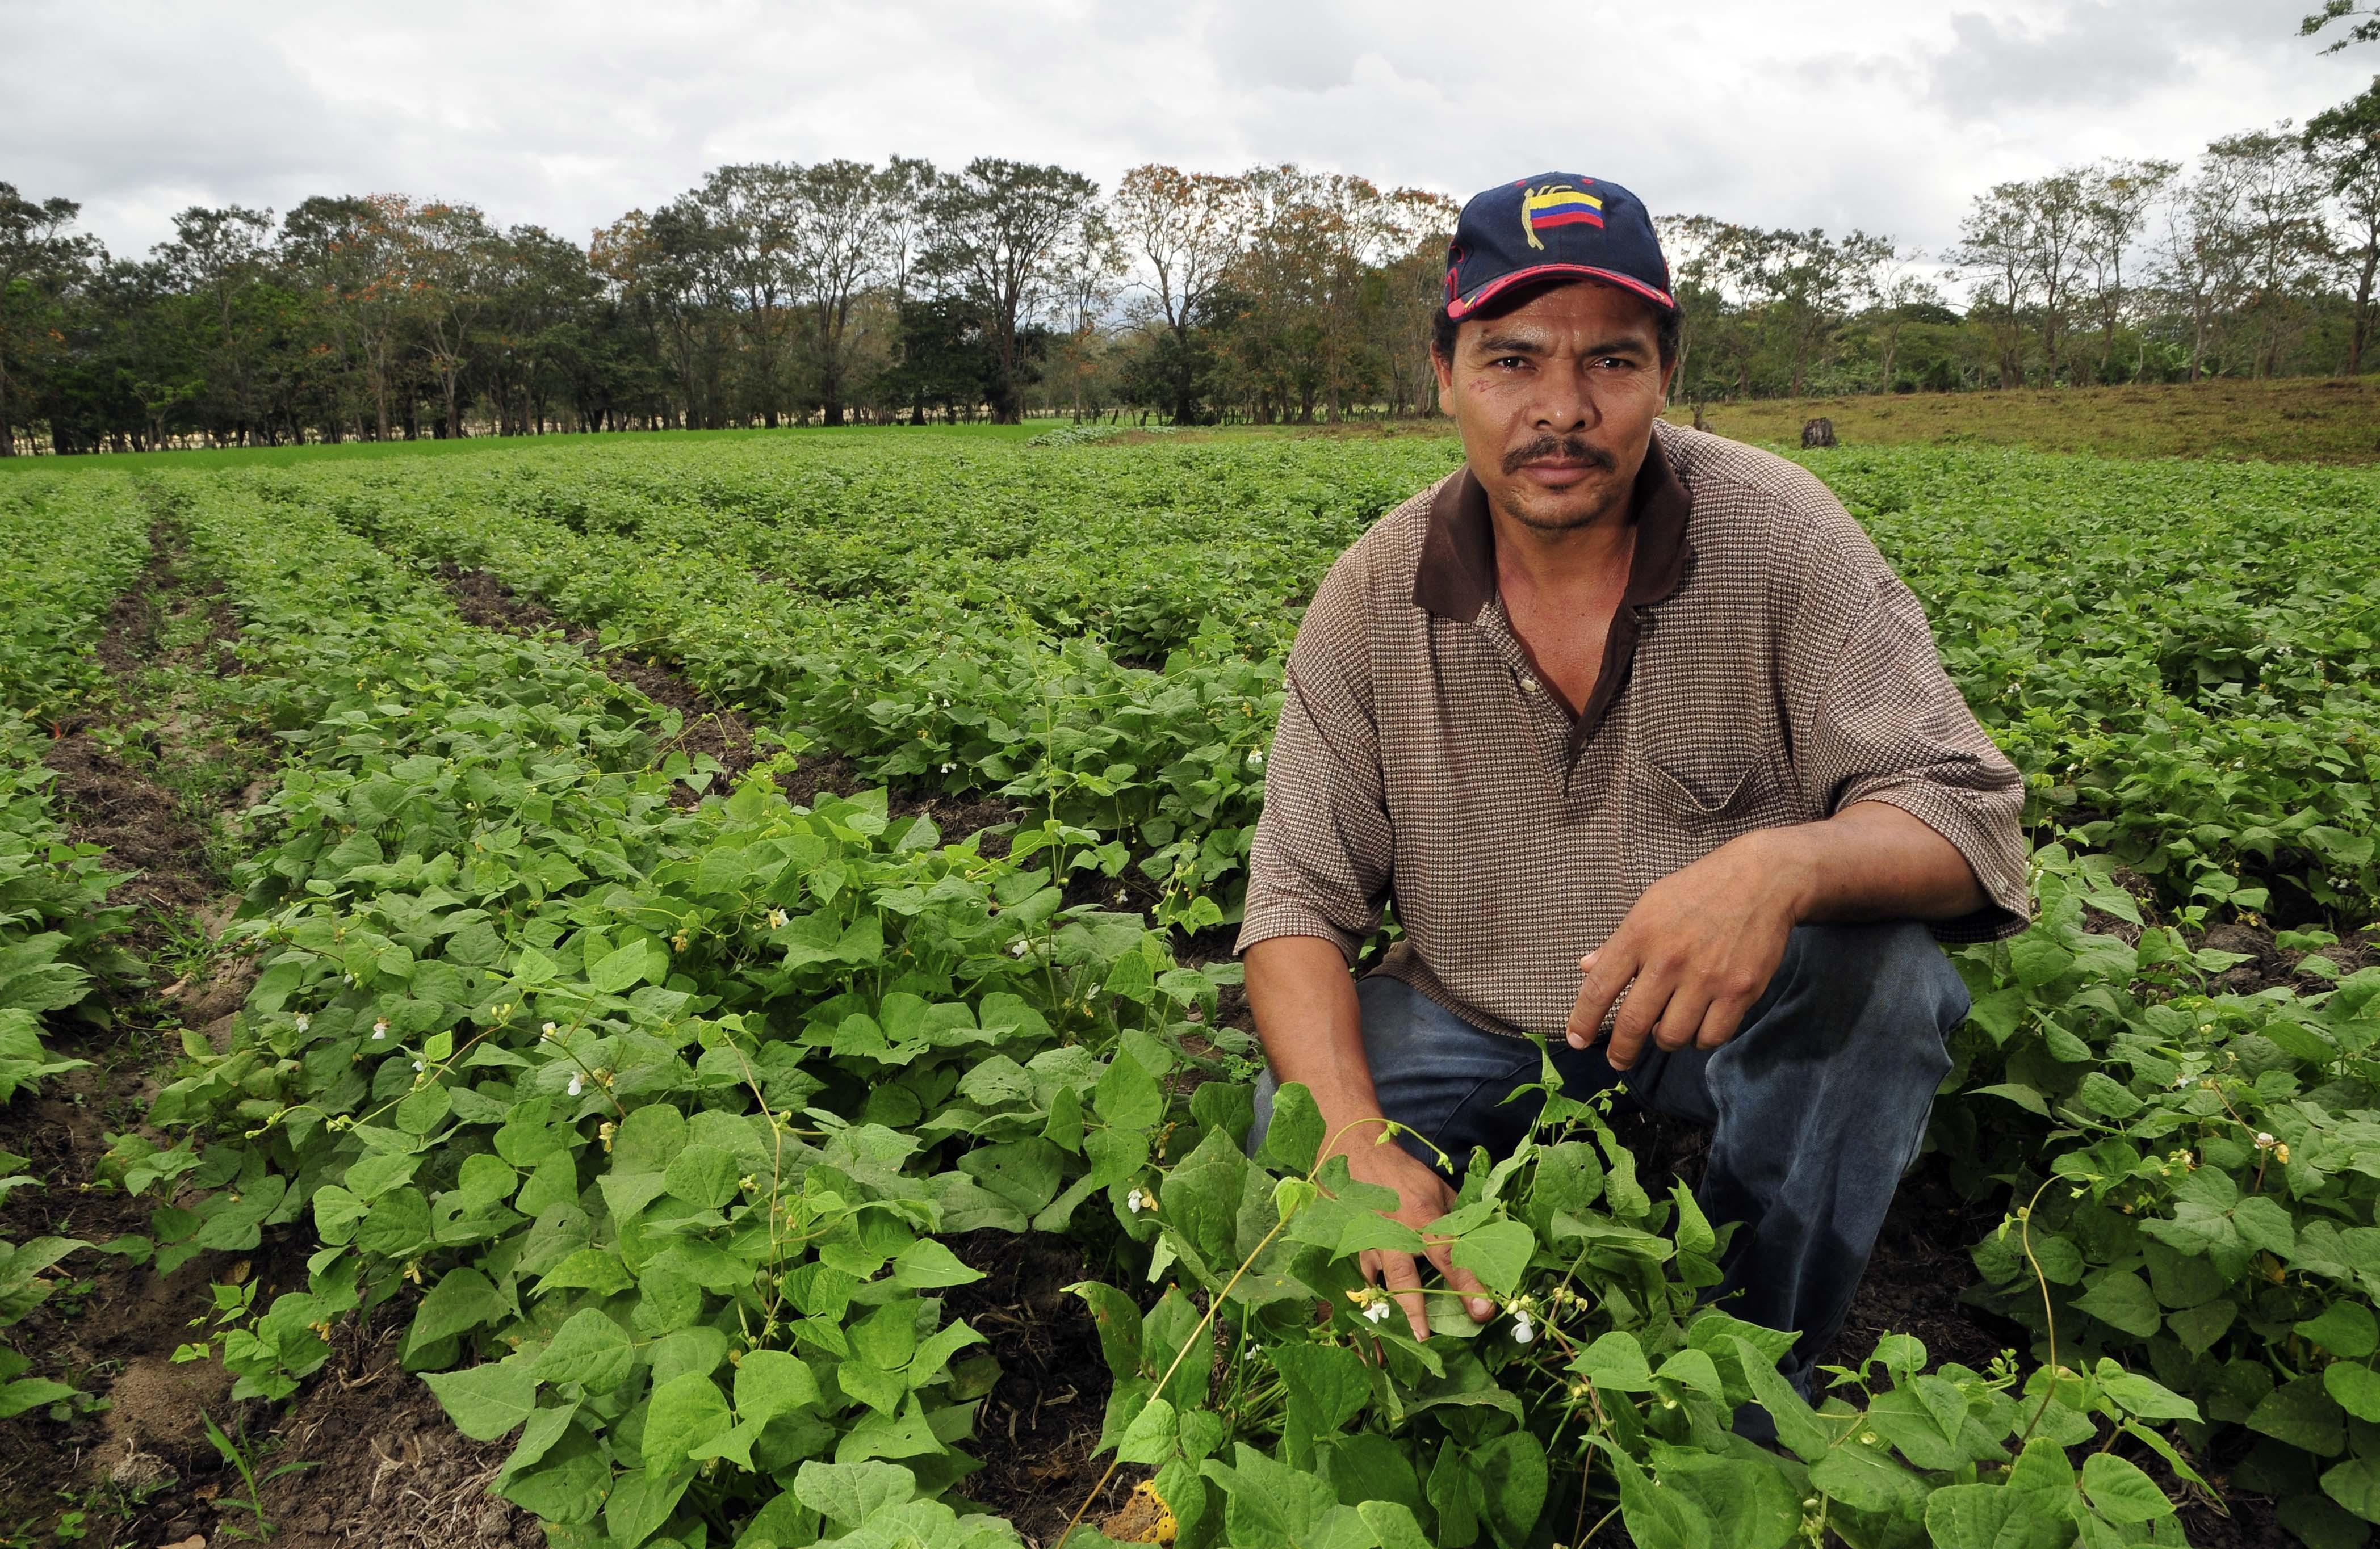 Farmer File:farmer in bean field,